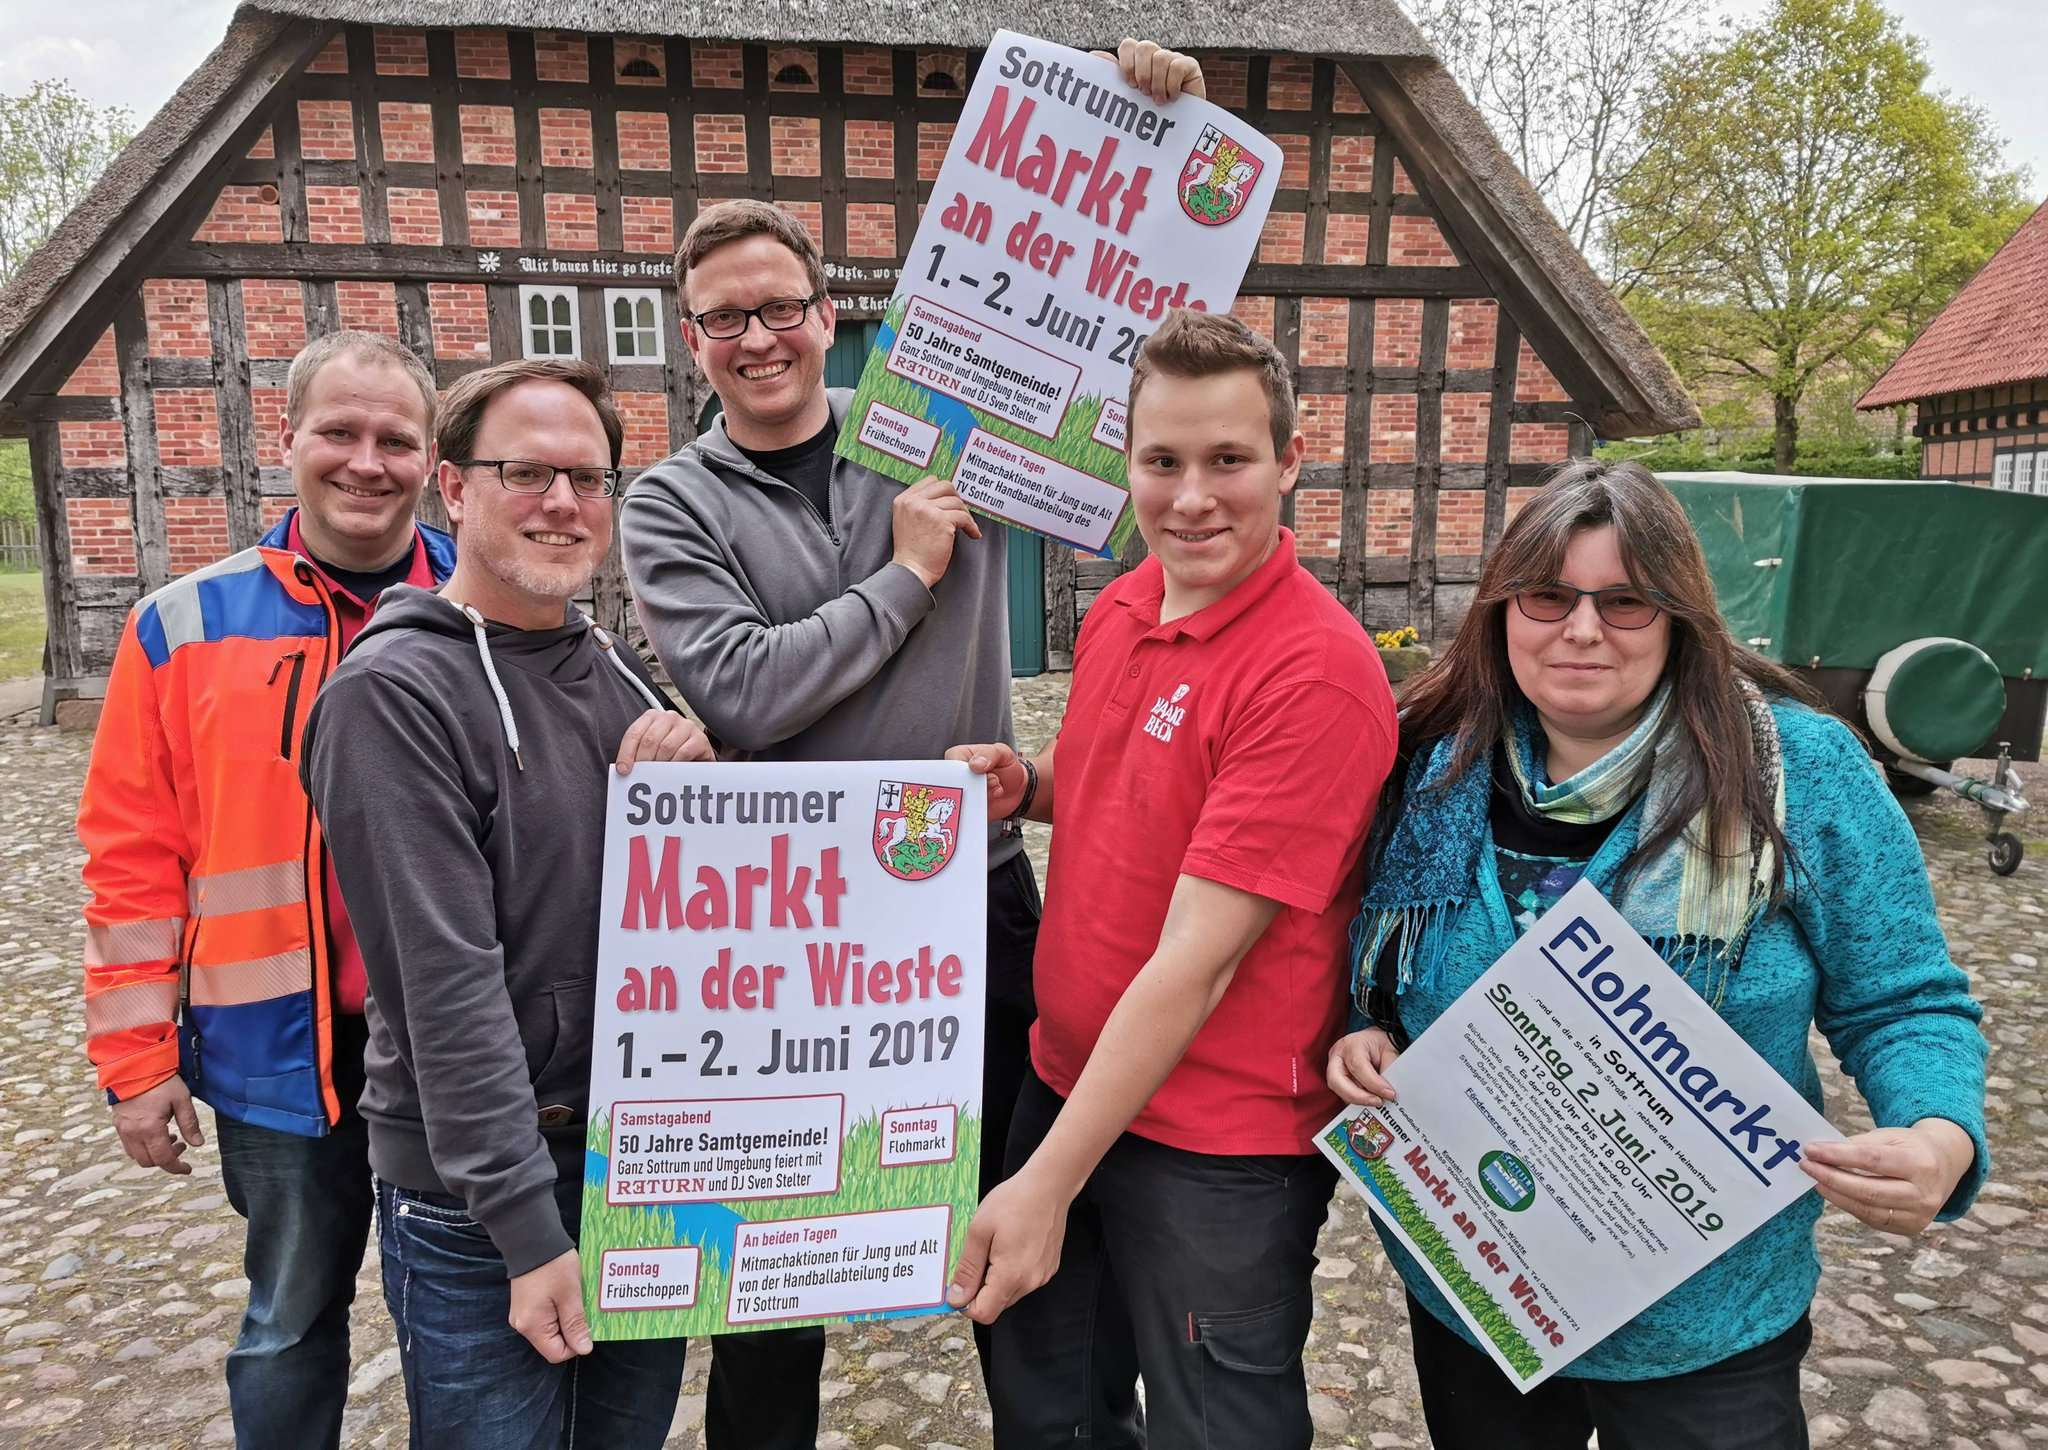 Björn Becker (von links), Michael Lindemann, Eric Kruse, Marius Söffker und Birgit Gundlach freuen sich schon auf den